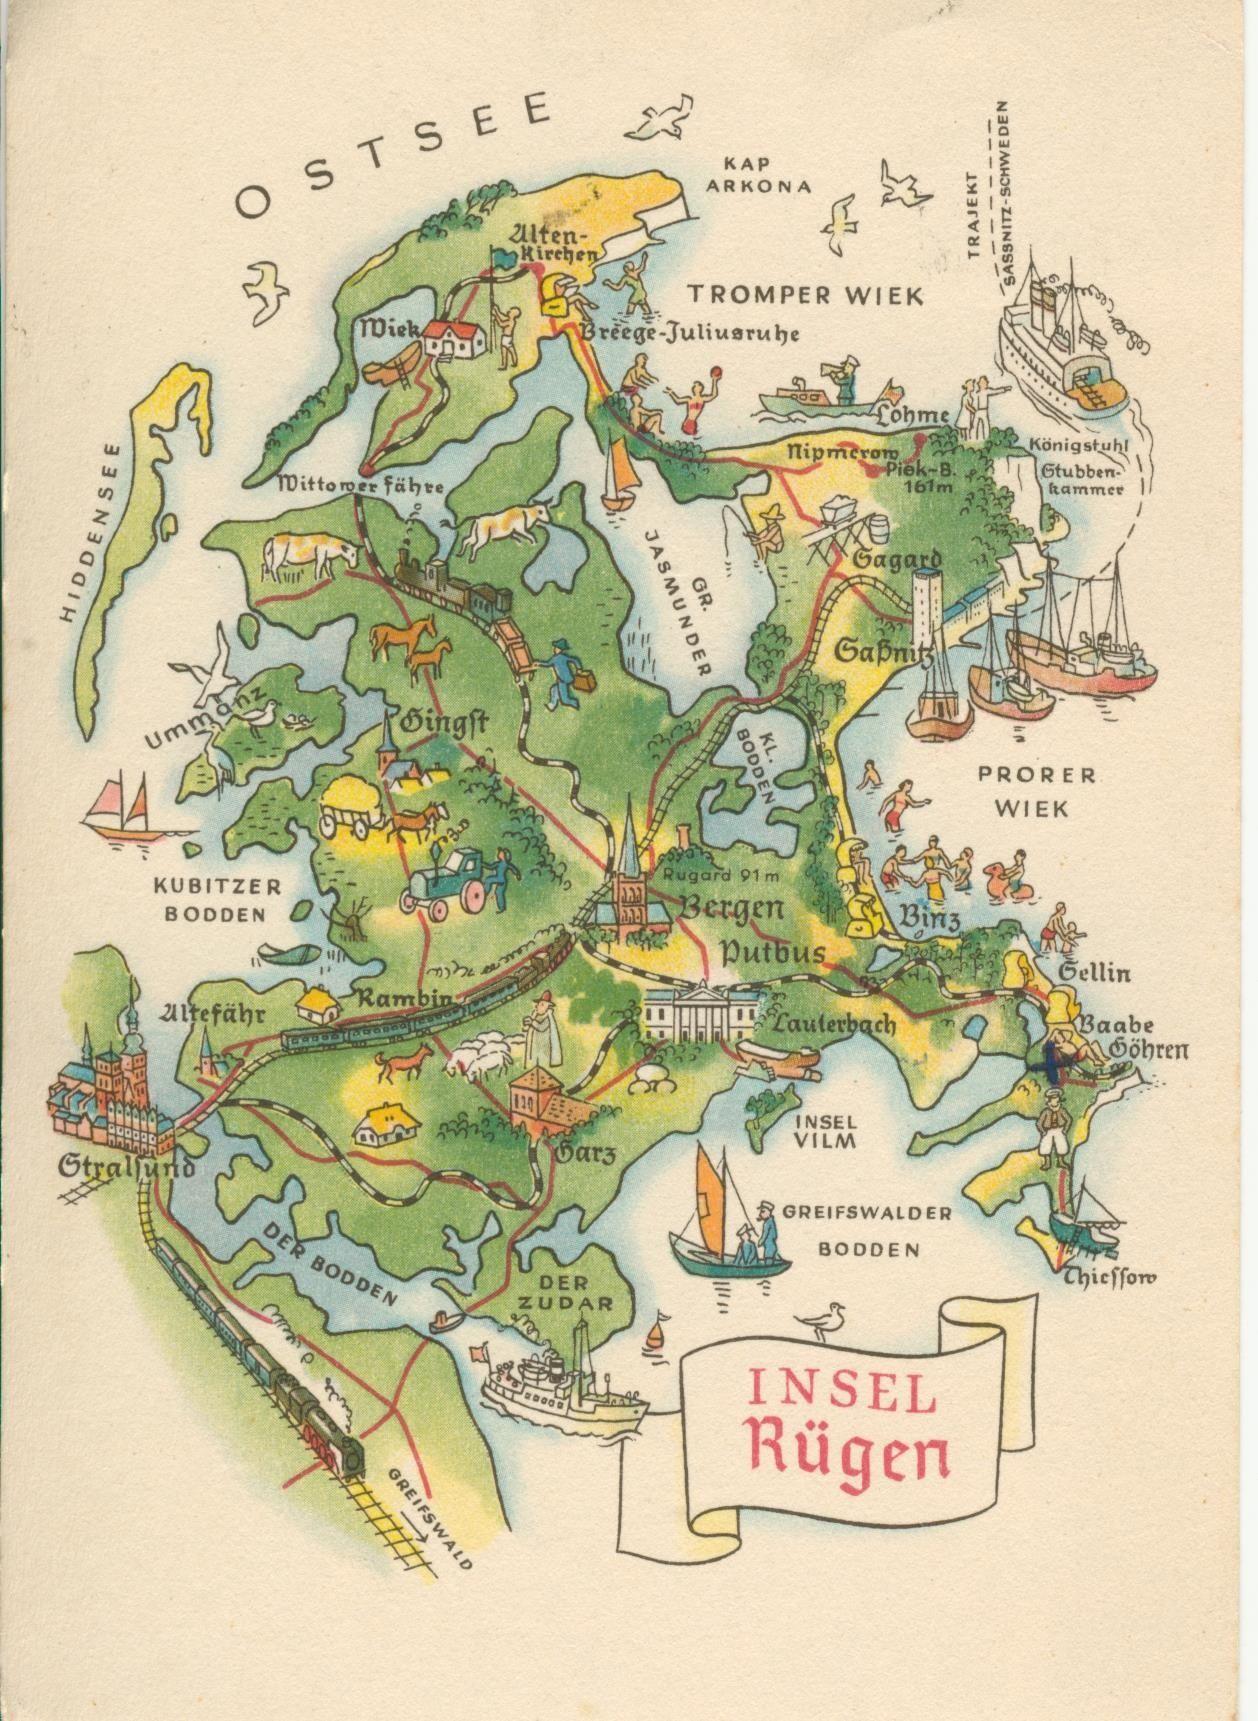 Rugen Landkarte Map Of Rugen Rugen Landkarte Hiddensee